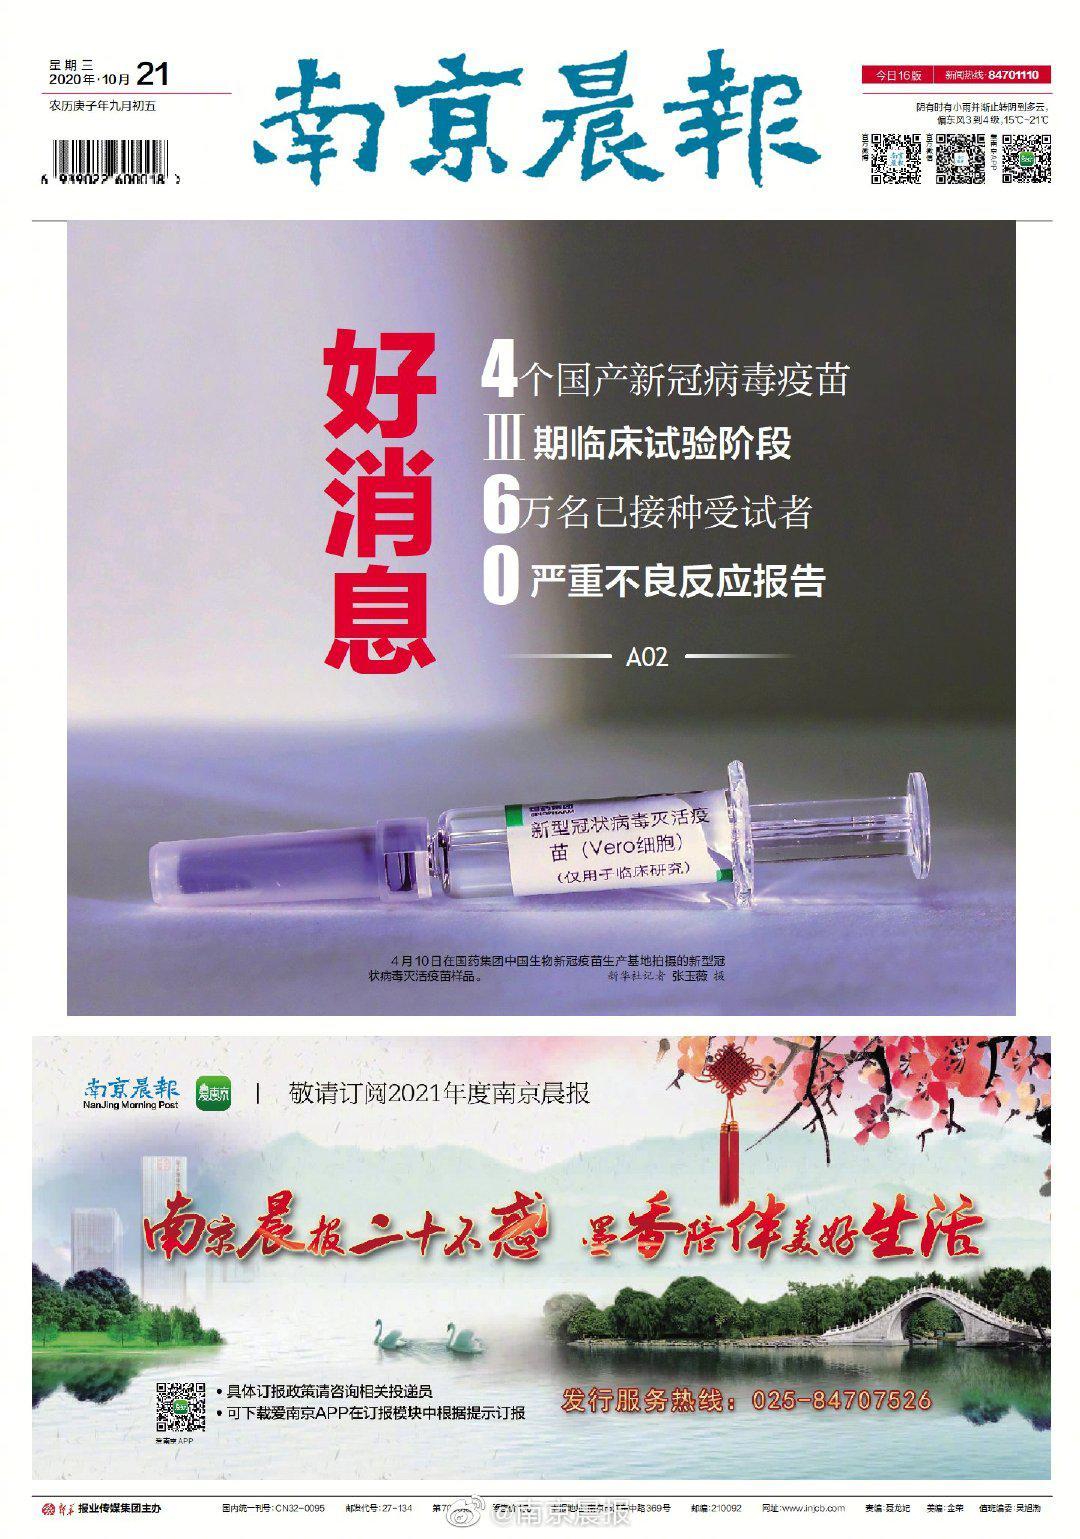 防控不放松,重视不恐慌!!南京晨报10月21日电子版